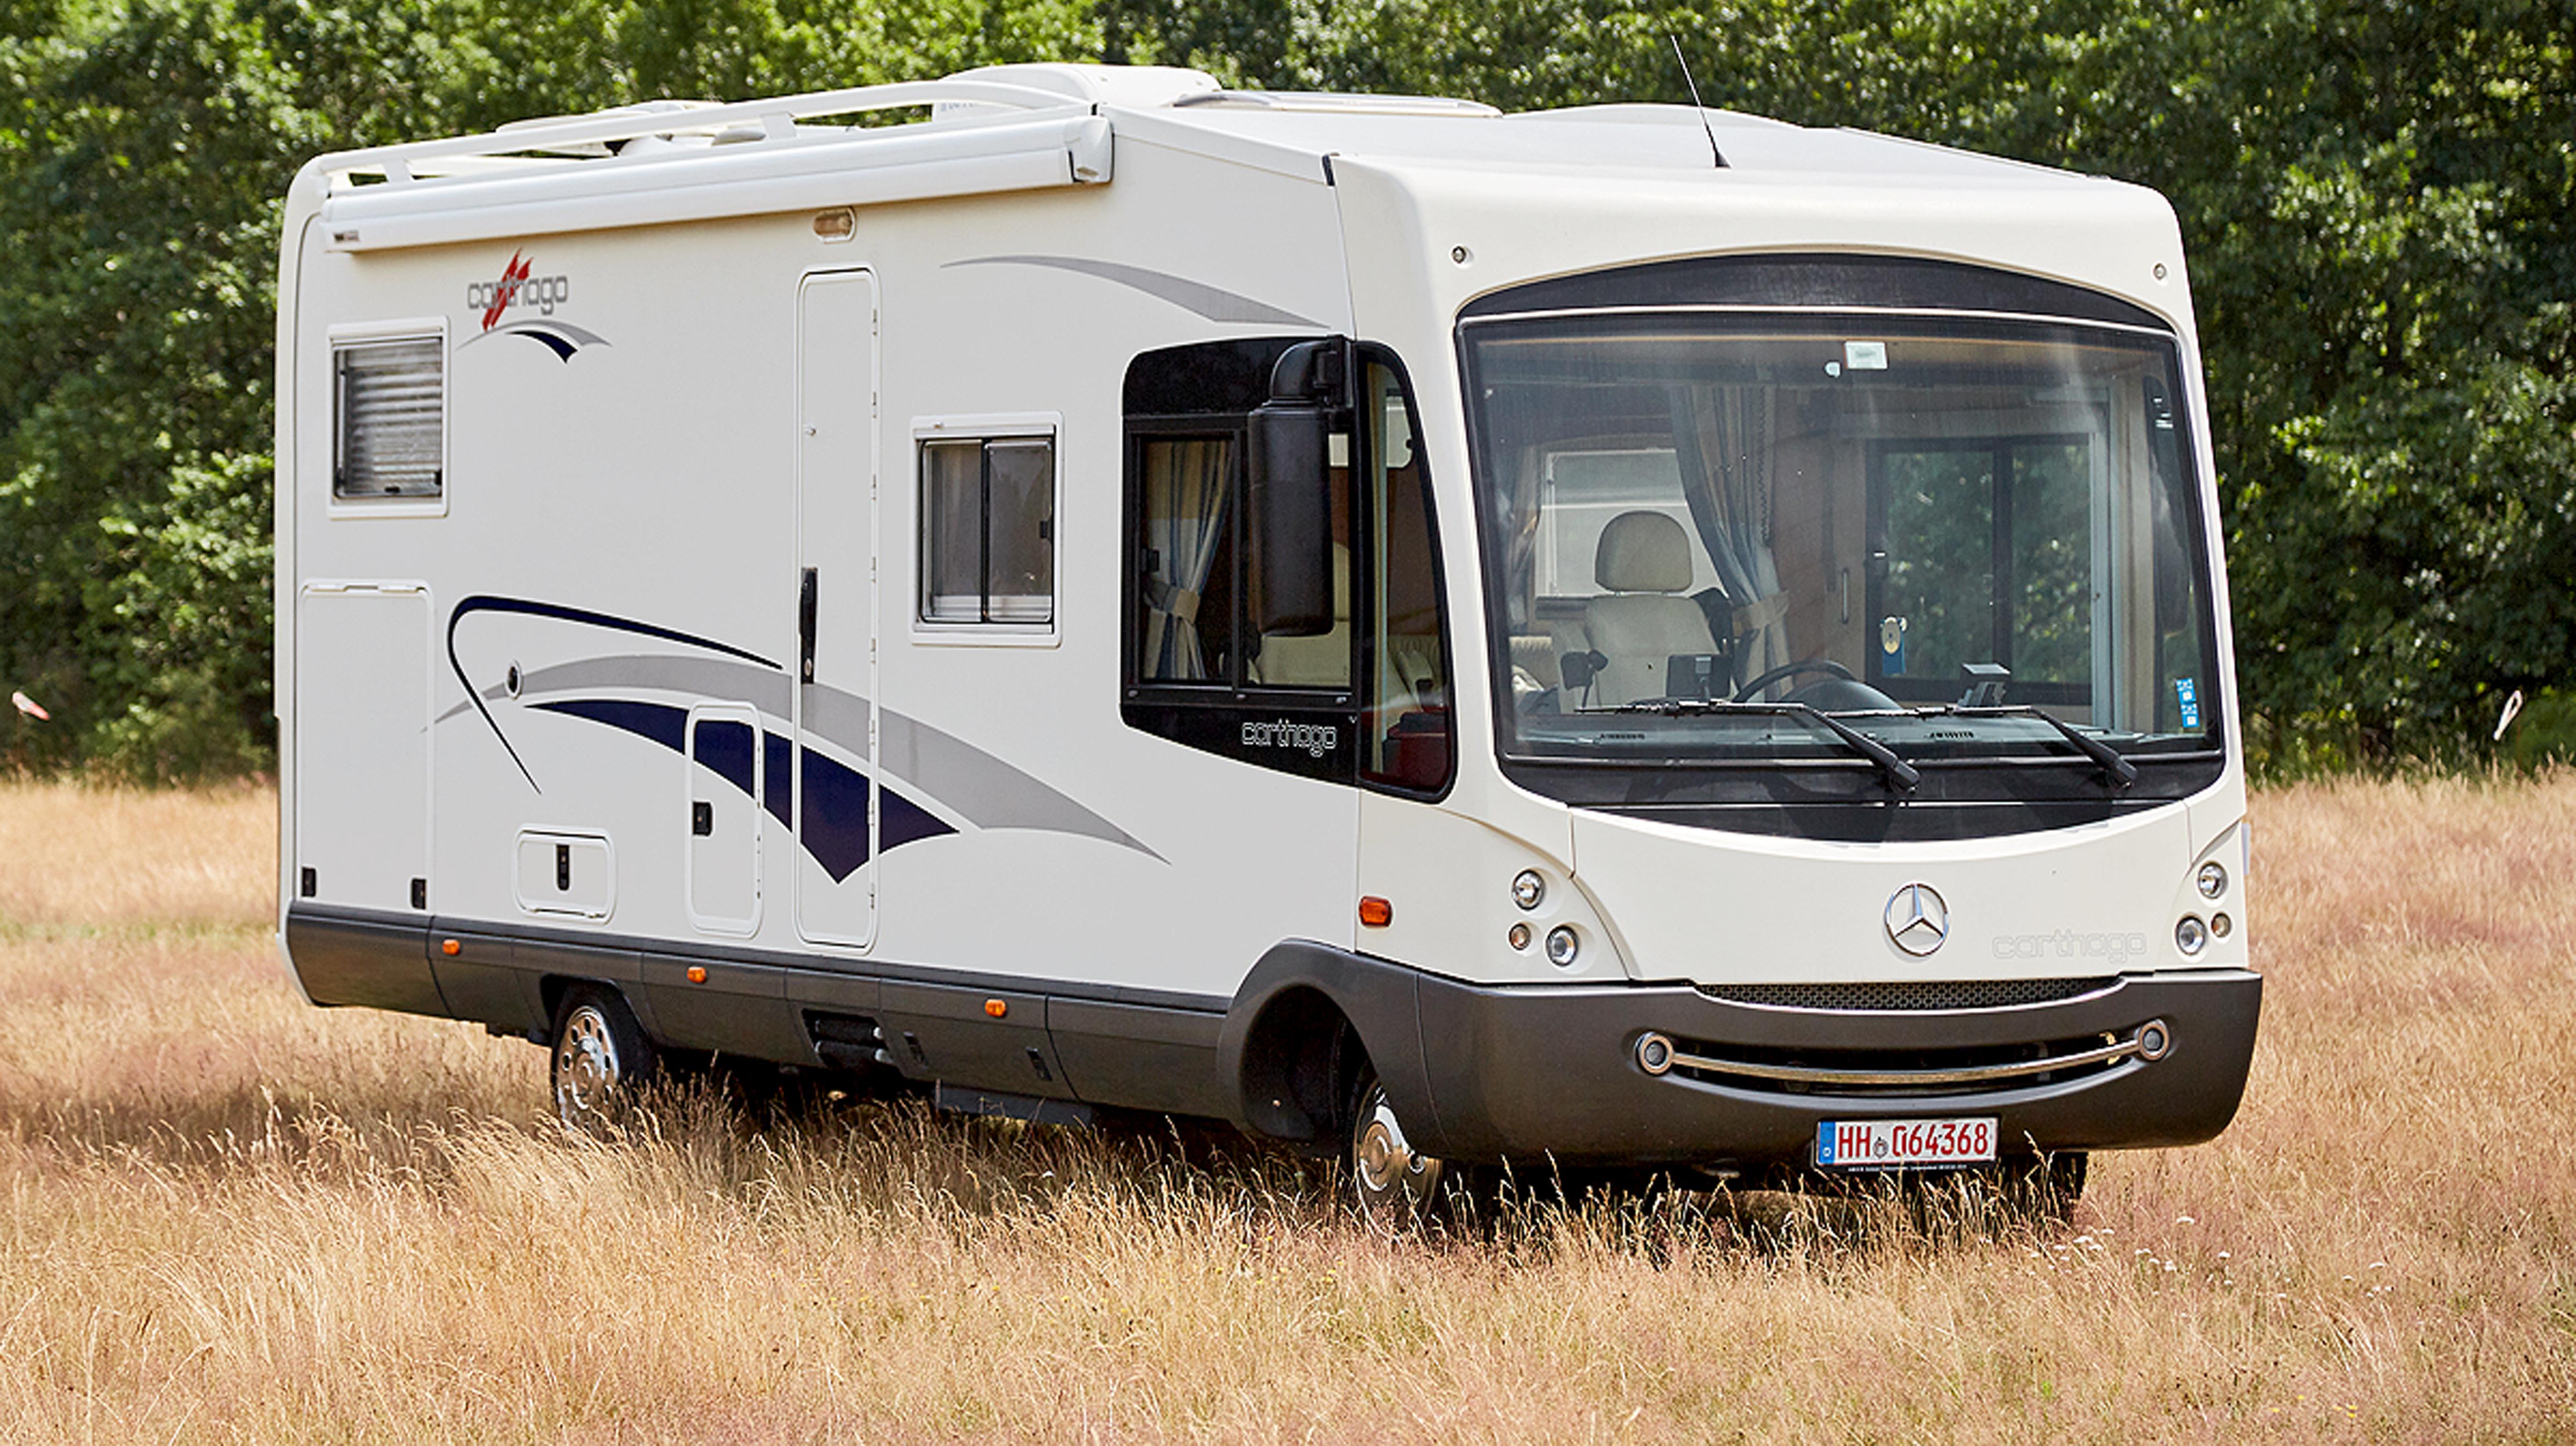 Wohnmobil-Test: Carthago M-Liner M10B als Gebrauchtwagen - autobild.de